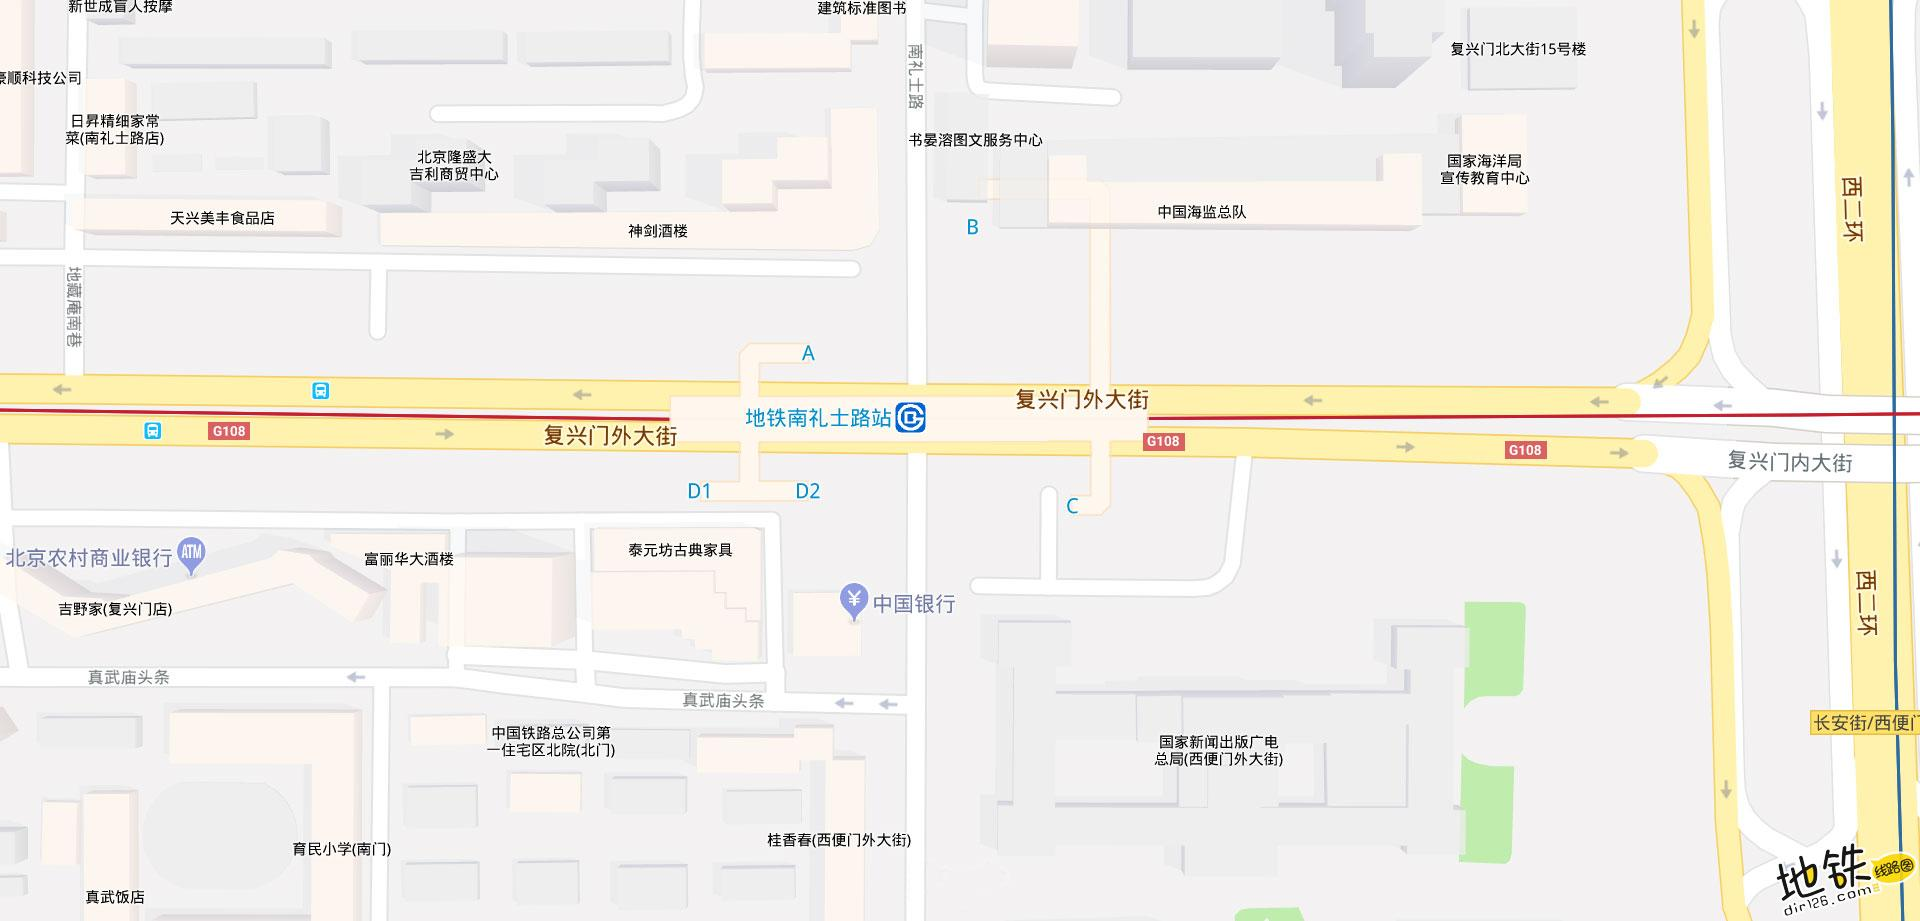 南礼士路地铁站 北京地铁南礼士路站出入口 地图信息查询  北京地铁站  第2张